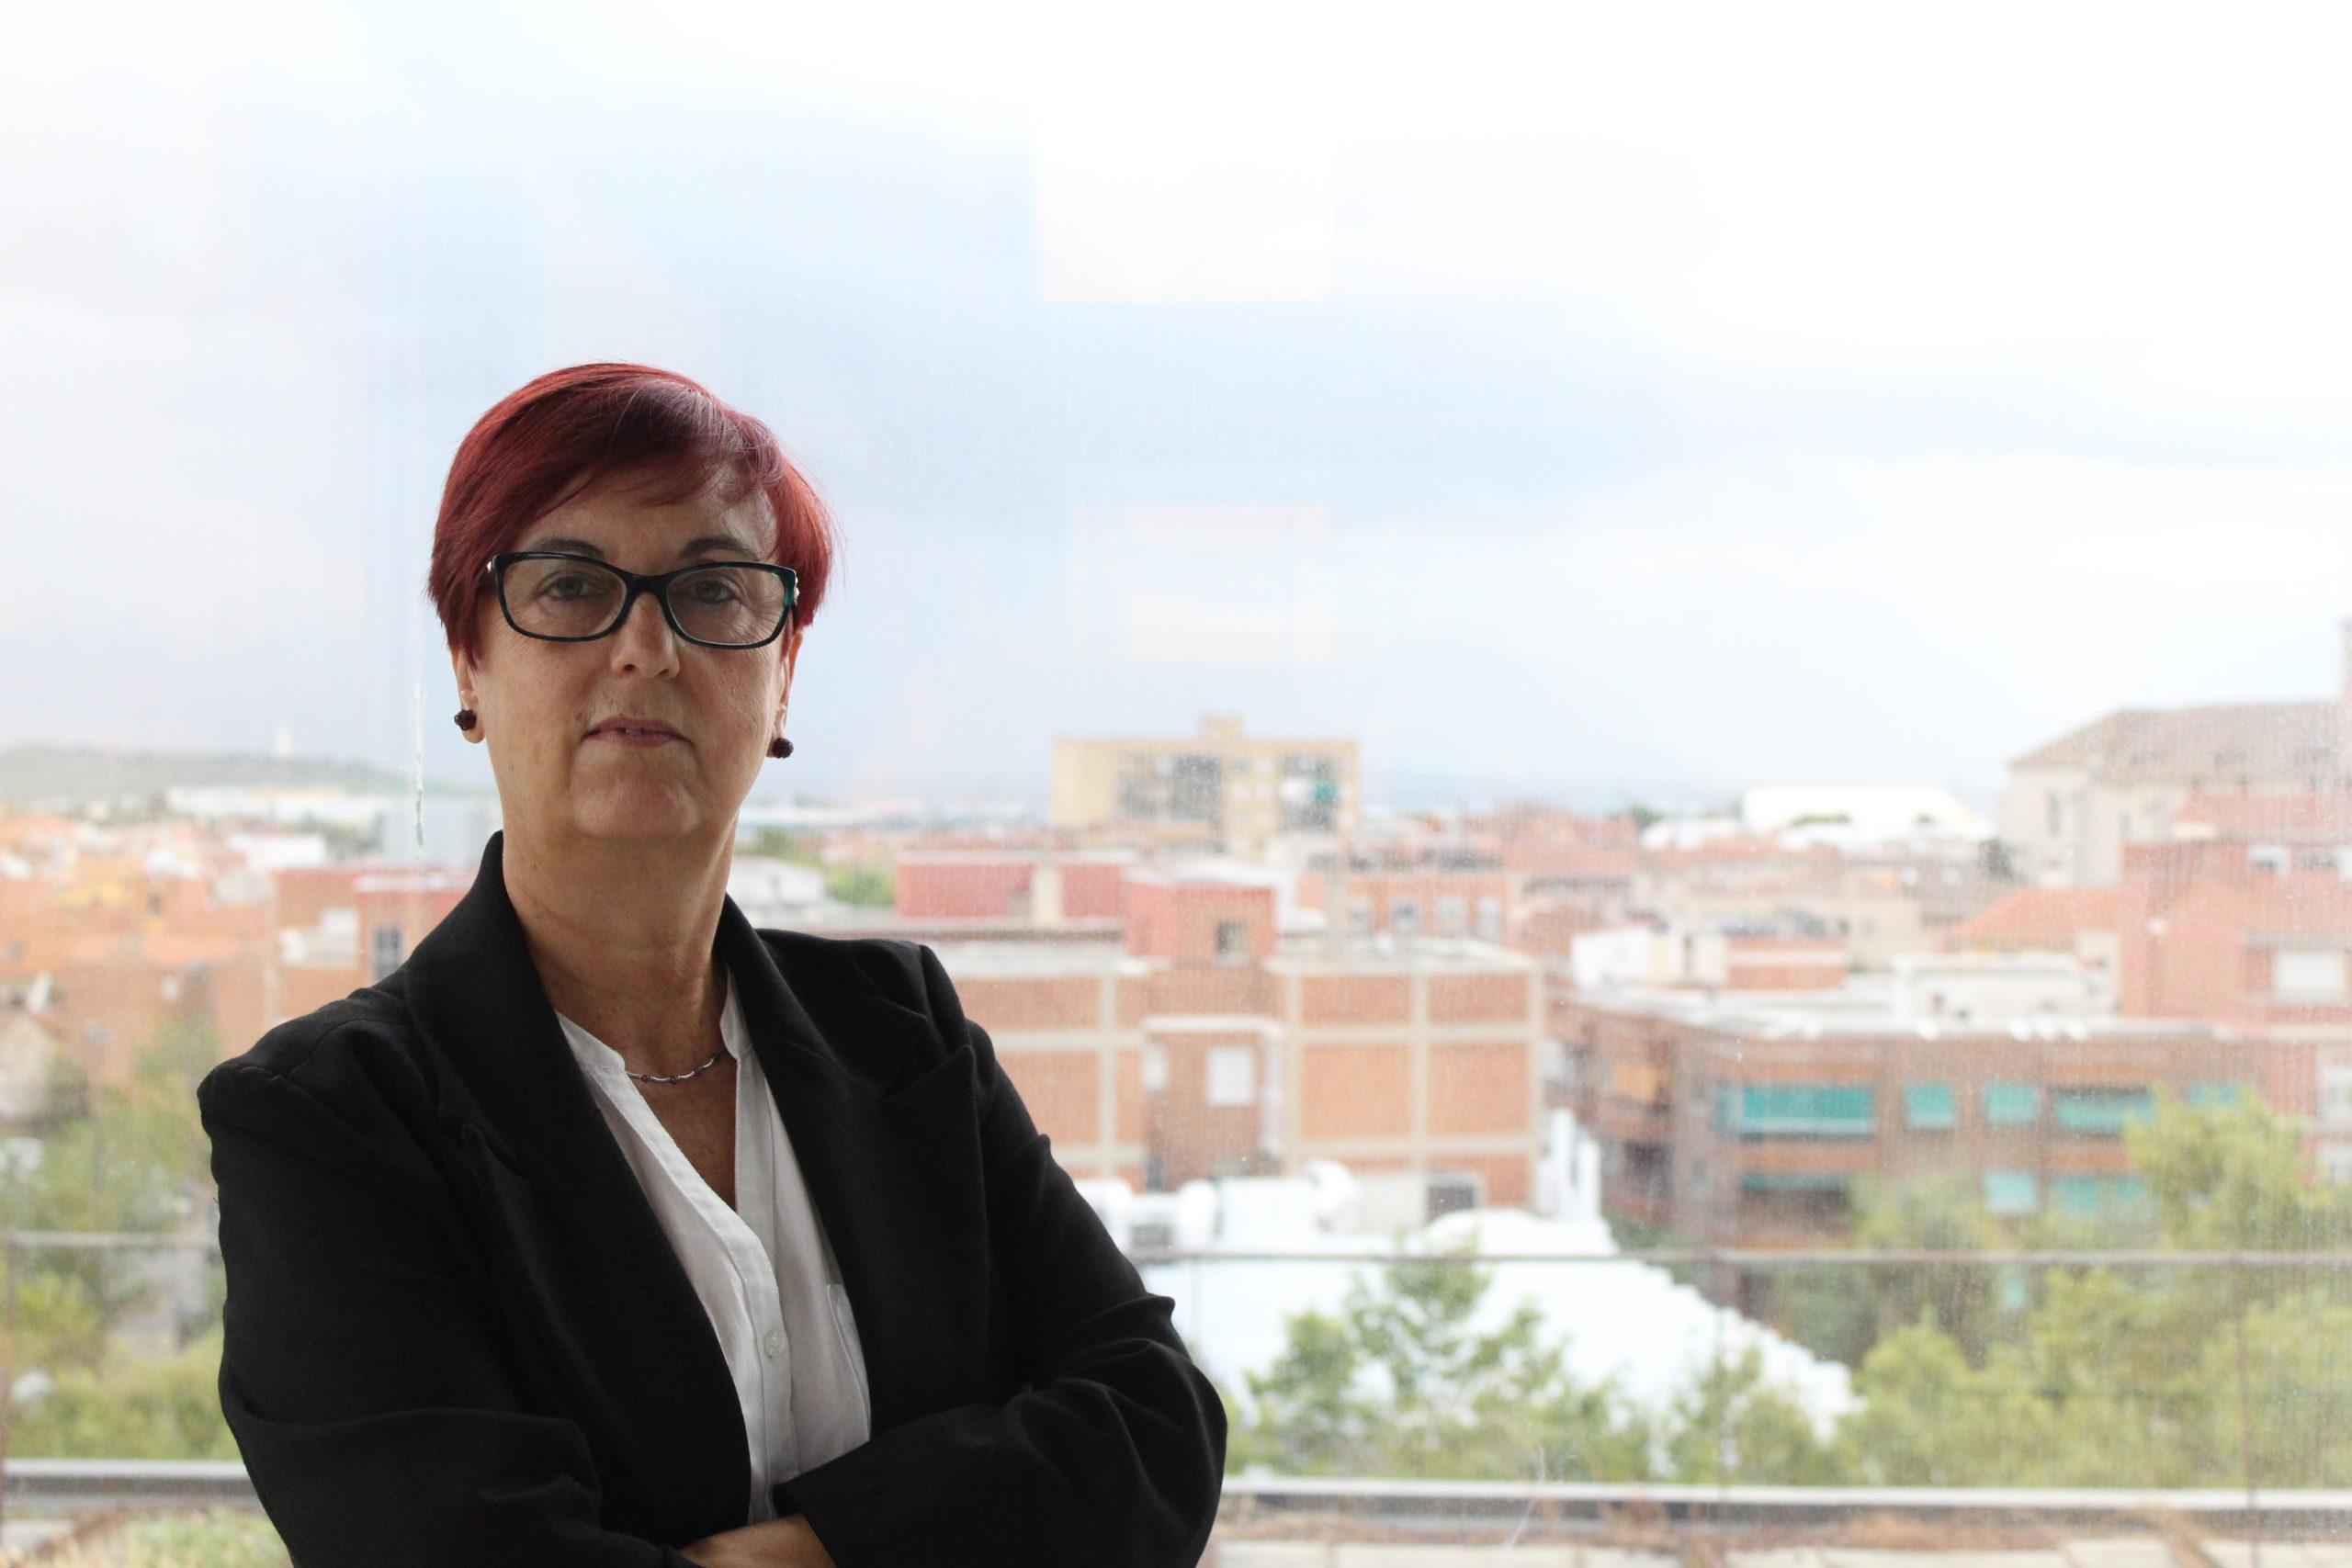 Podemos Getafe y PSOE piden la eliminación de la tasa de reposición para acabar con la interinidad de la administración